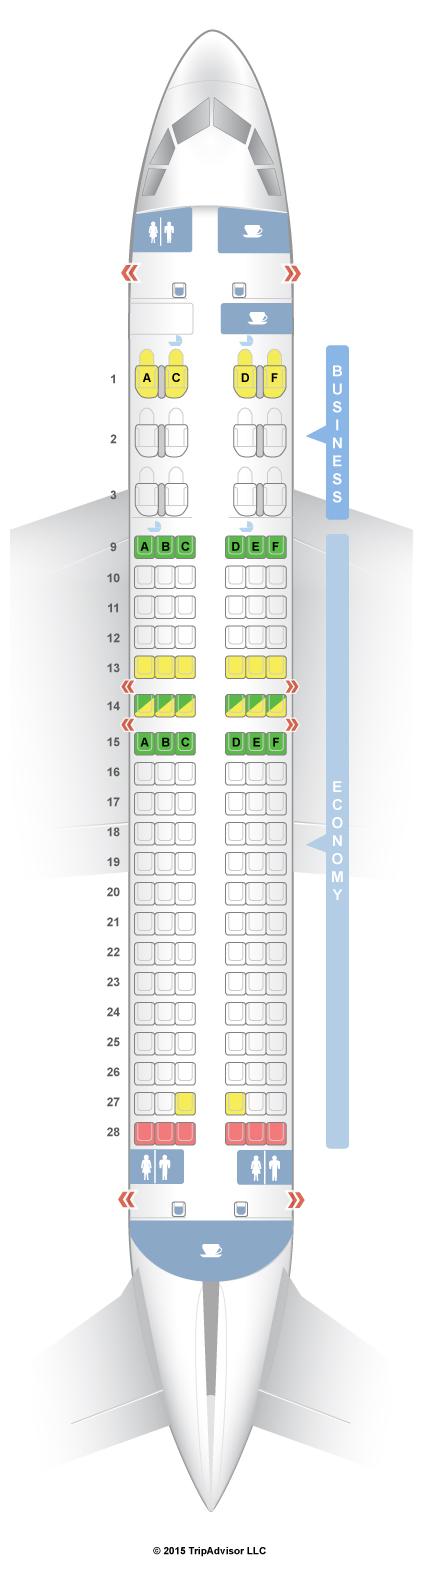 Seatguru Seat Map Qatar Airways Airbus A320 320 V2 Seatguru Spirit Airlines Qatar Airways